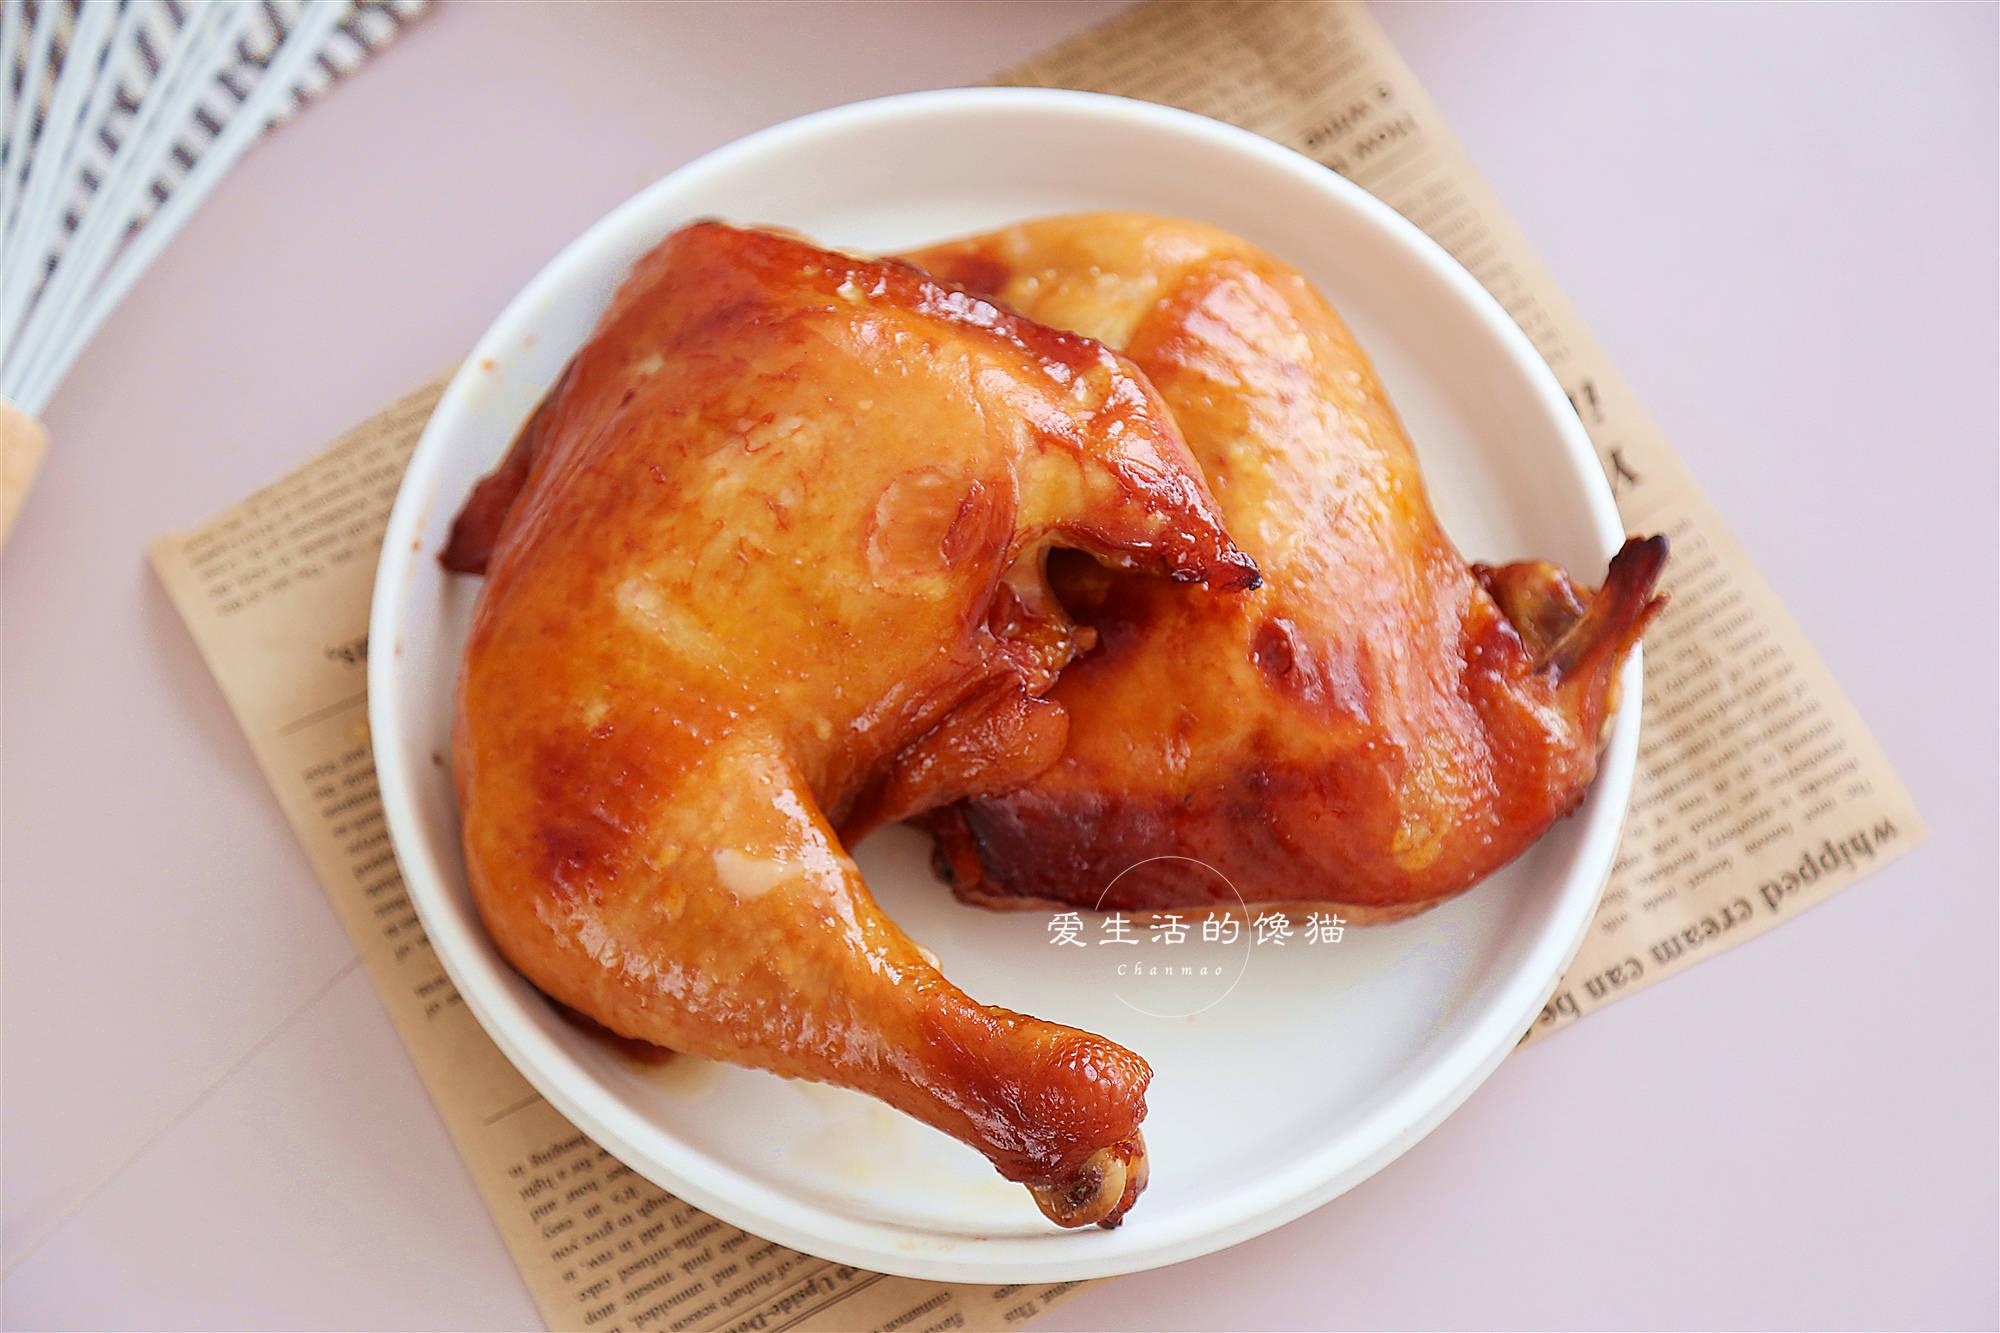 不用油的烧鸡腿,腌一腌扔进电饭锅,20分钟喷香出锅,网友狂点赞